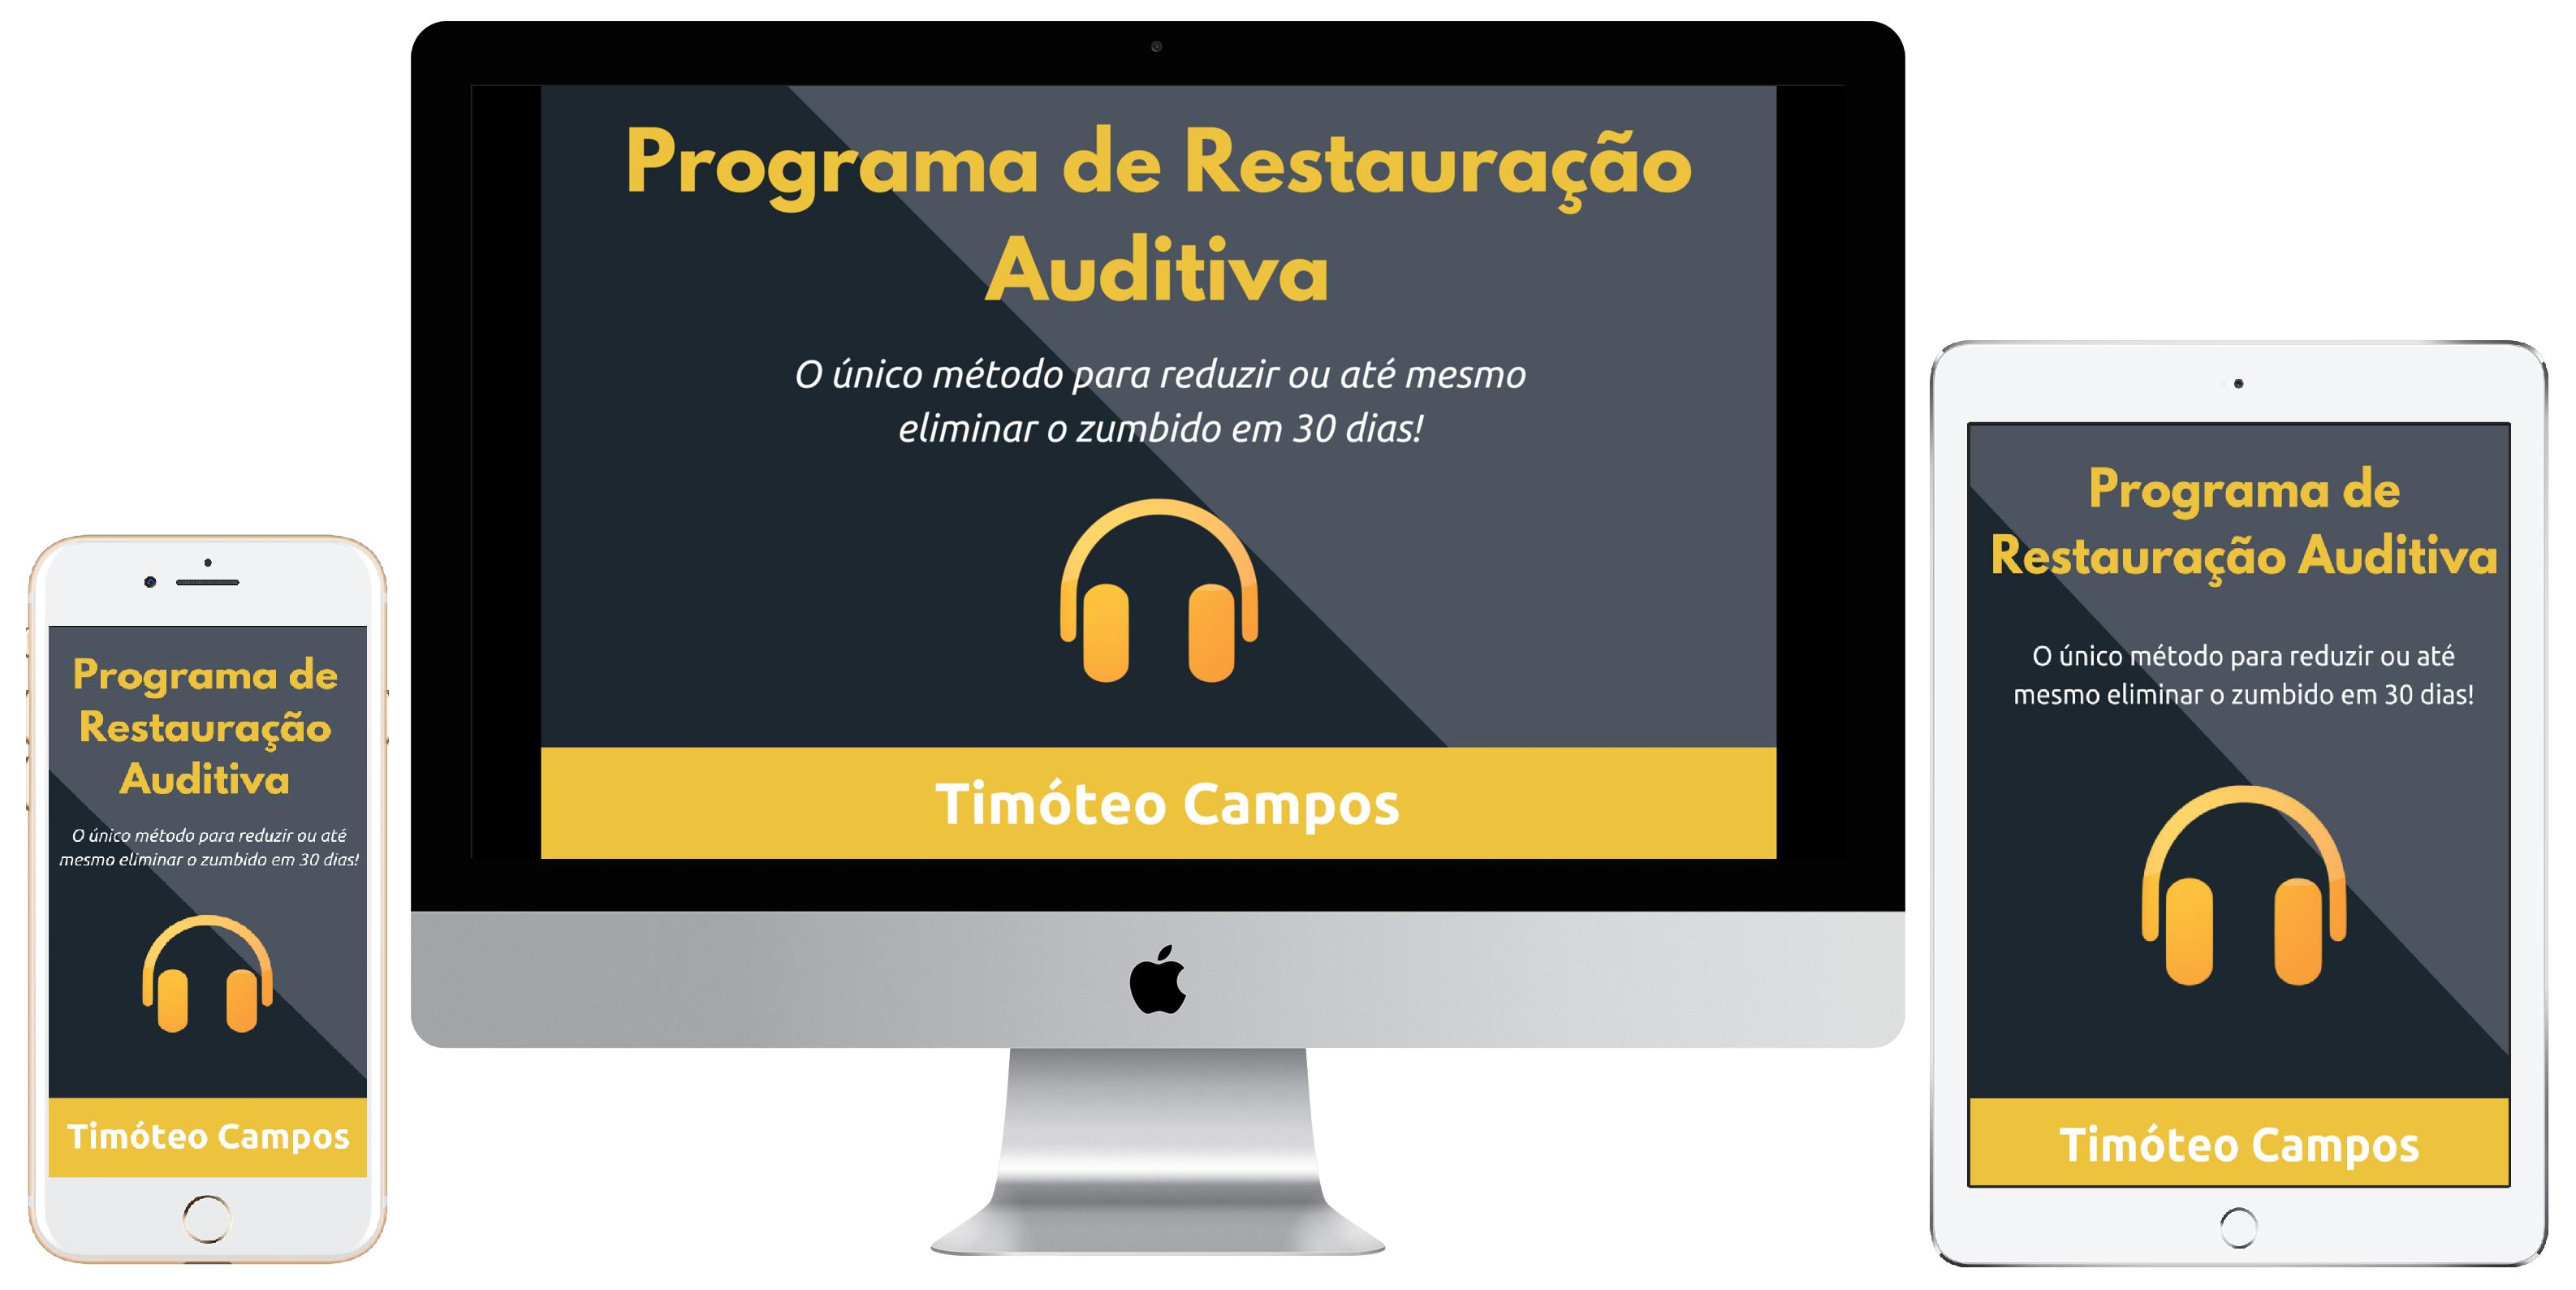 Programa-de-Restauração-Auditiva-imagem